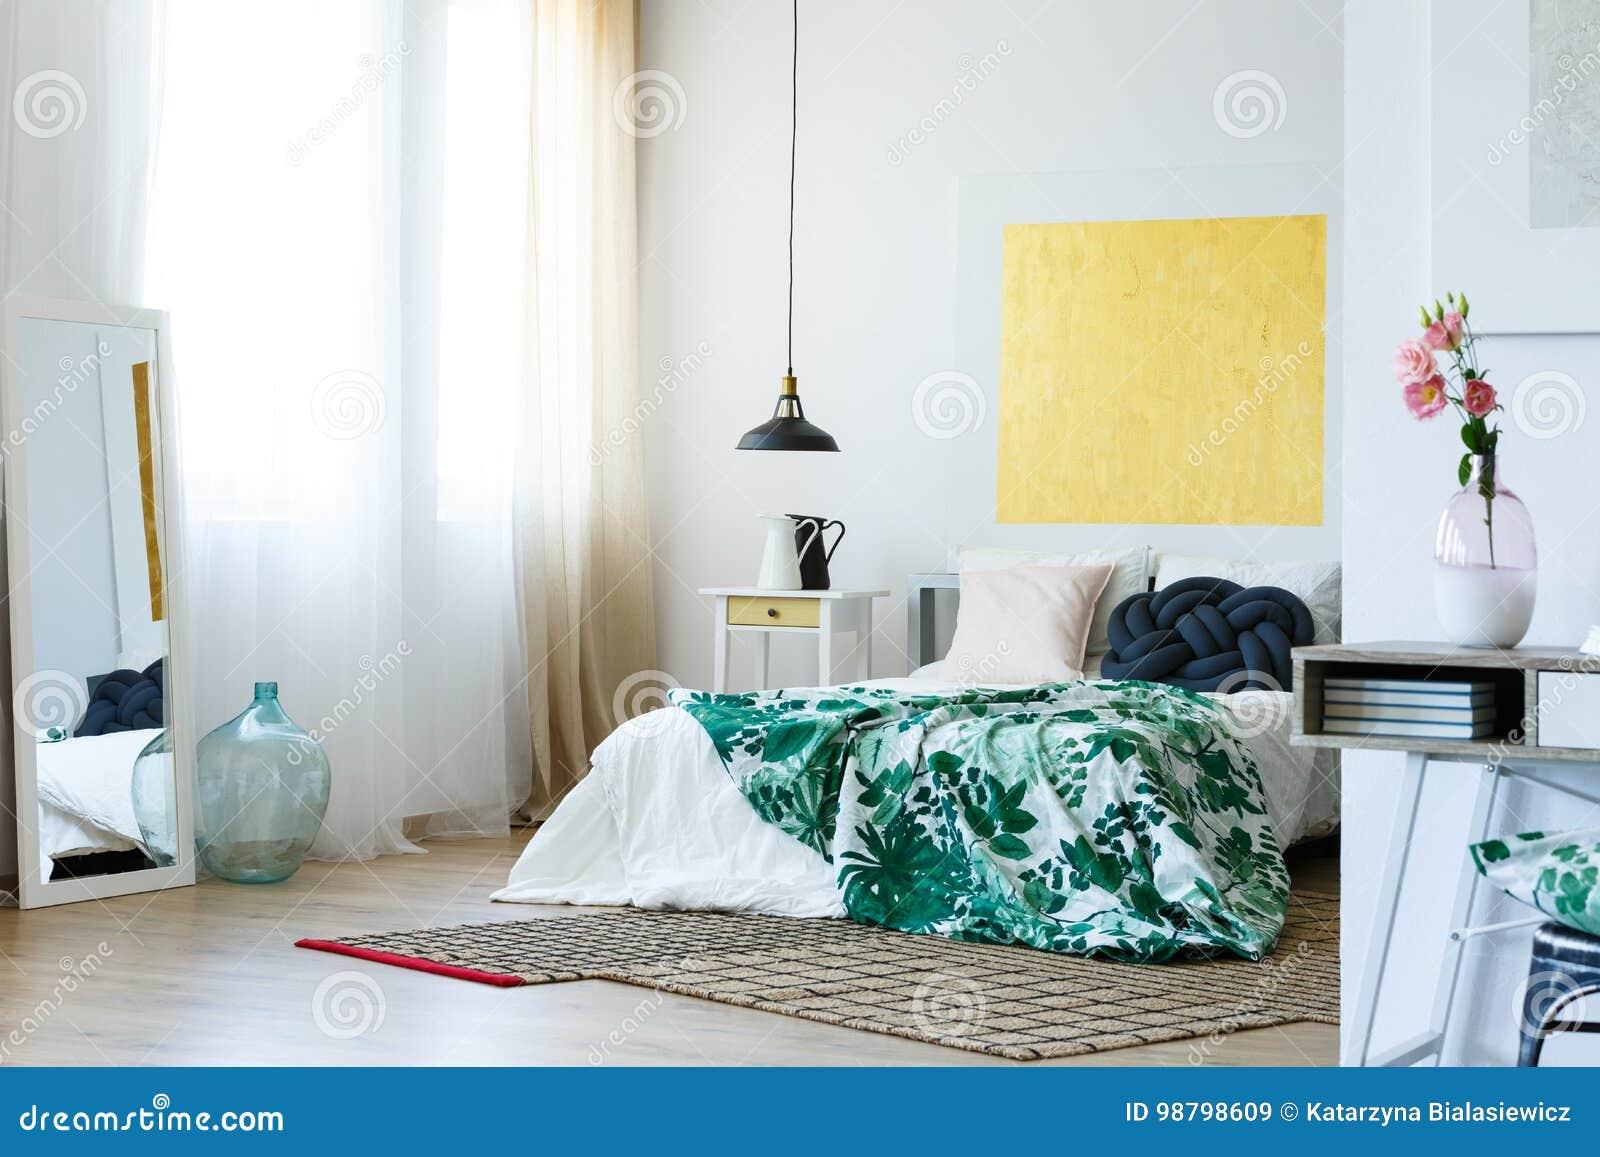 Chambre à Coucher Moderne Verte Et Jaune Image stock - Image ...